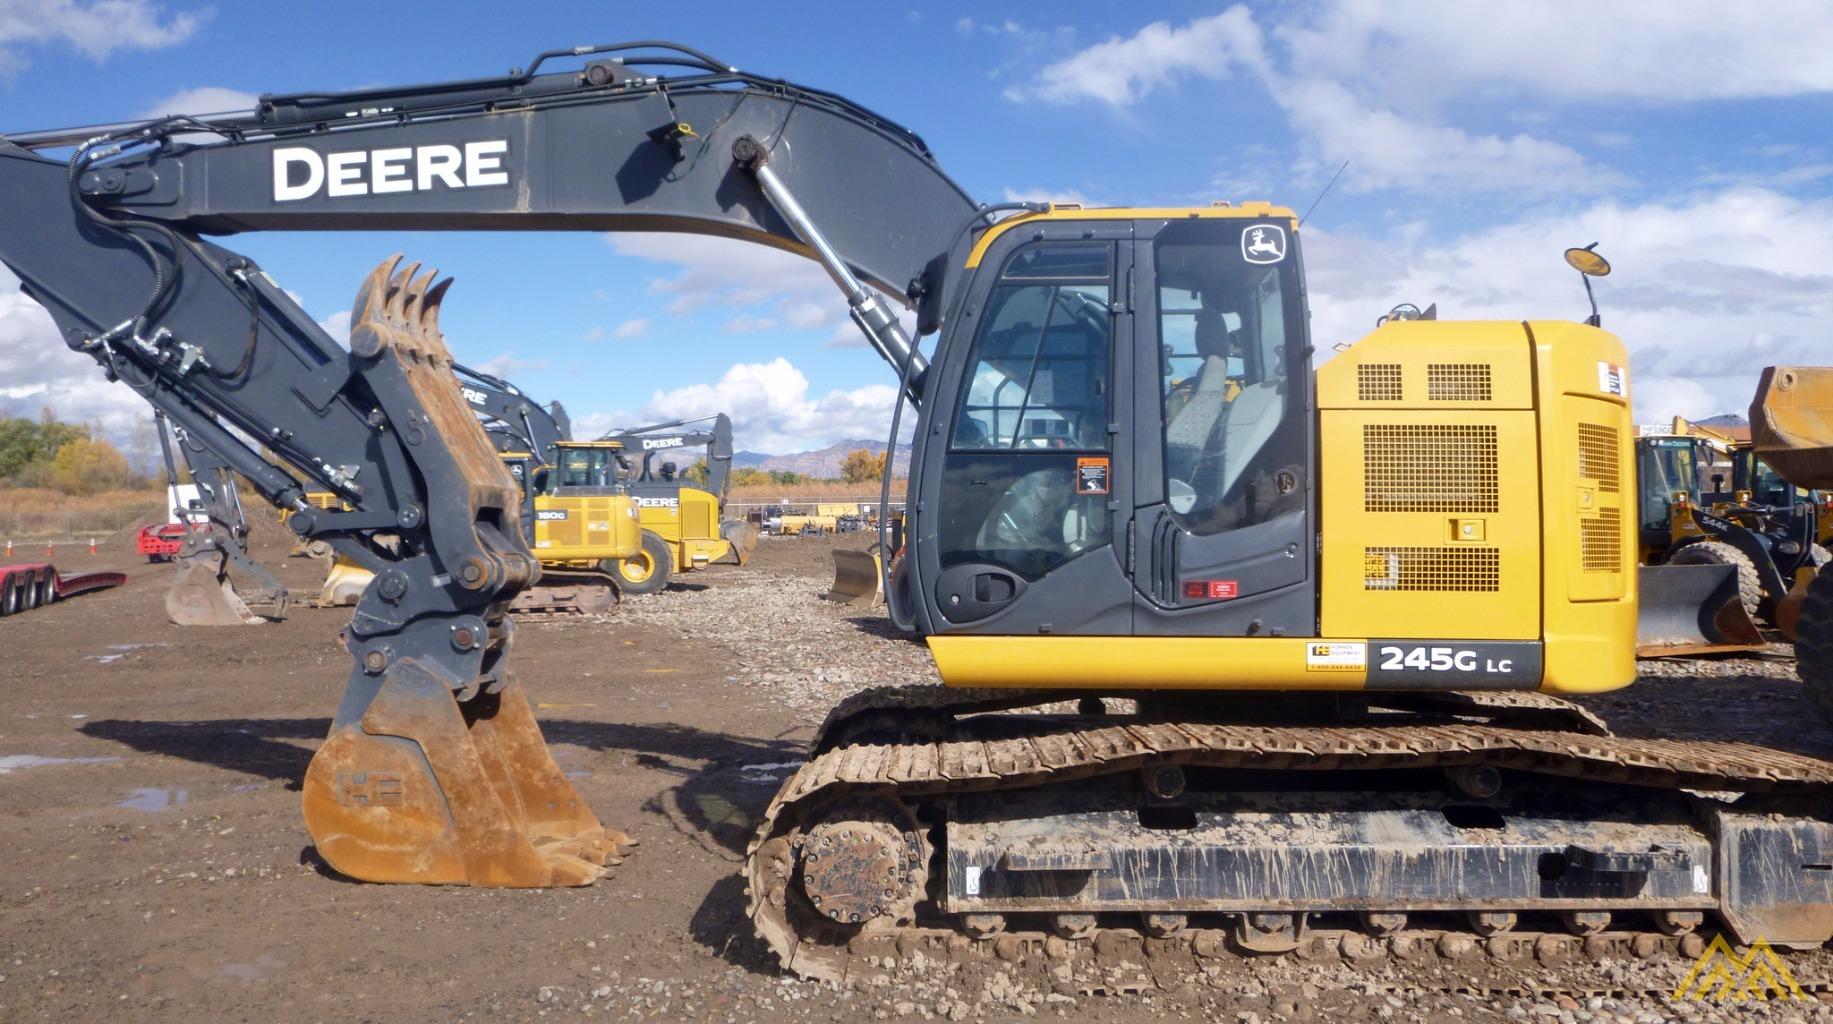 John Deere 245 Excavator Specs : John deere g for sale or rent